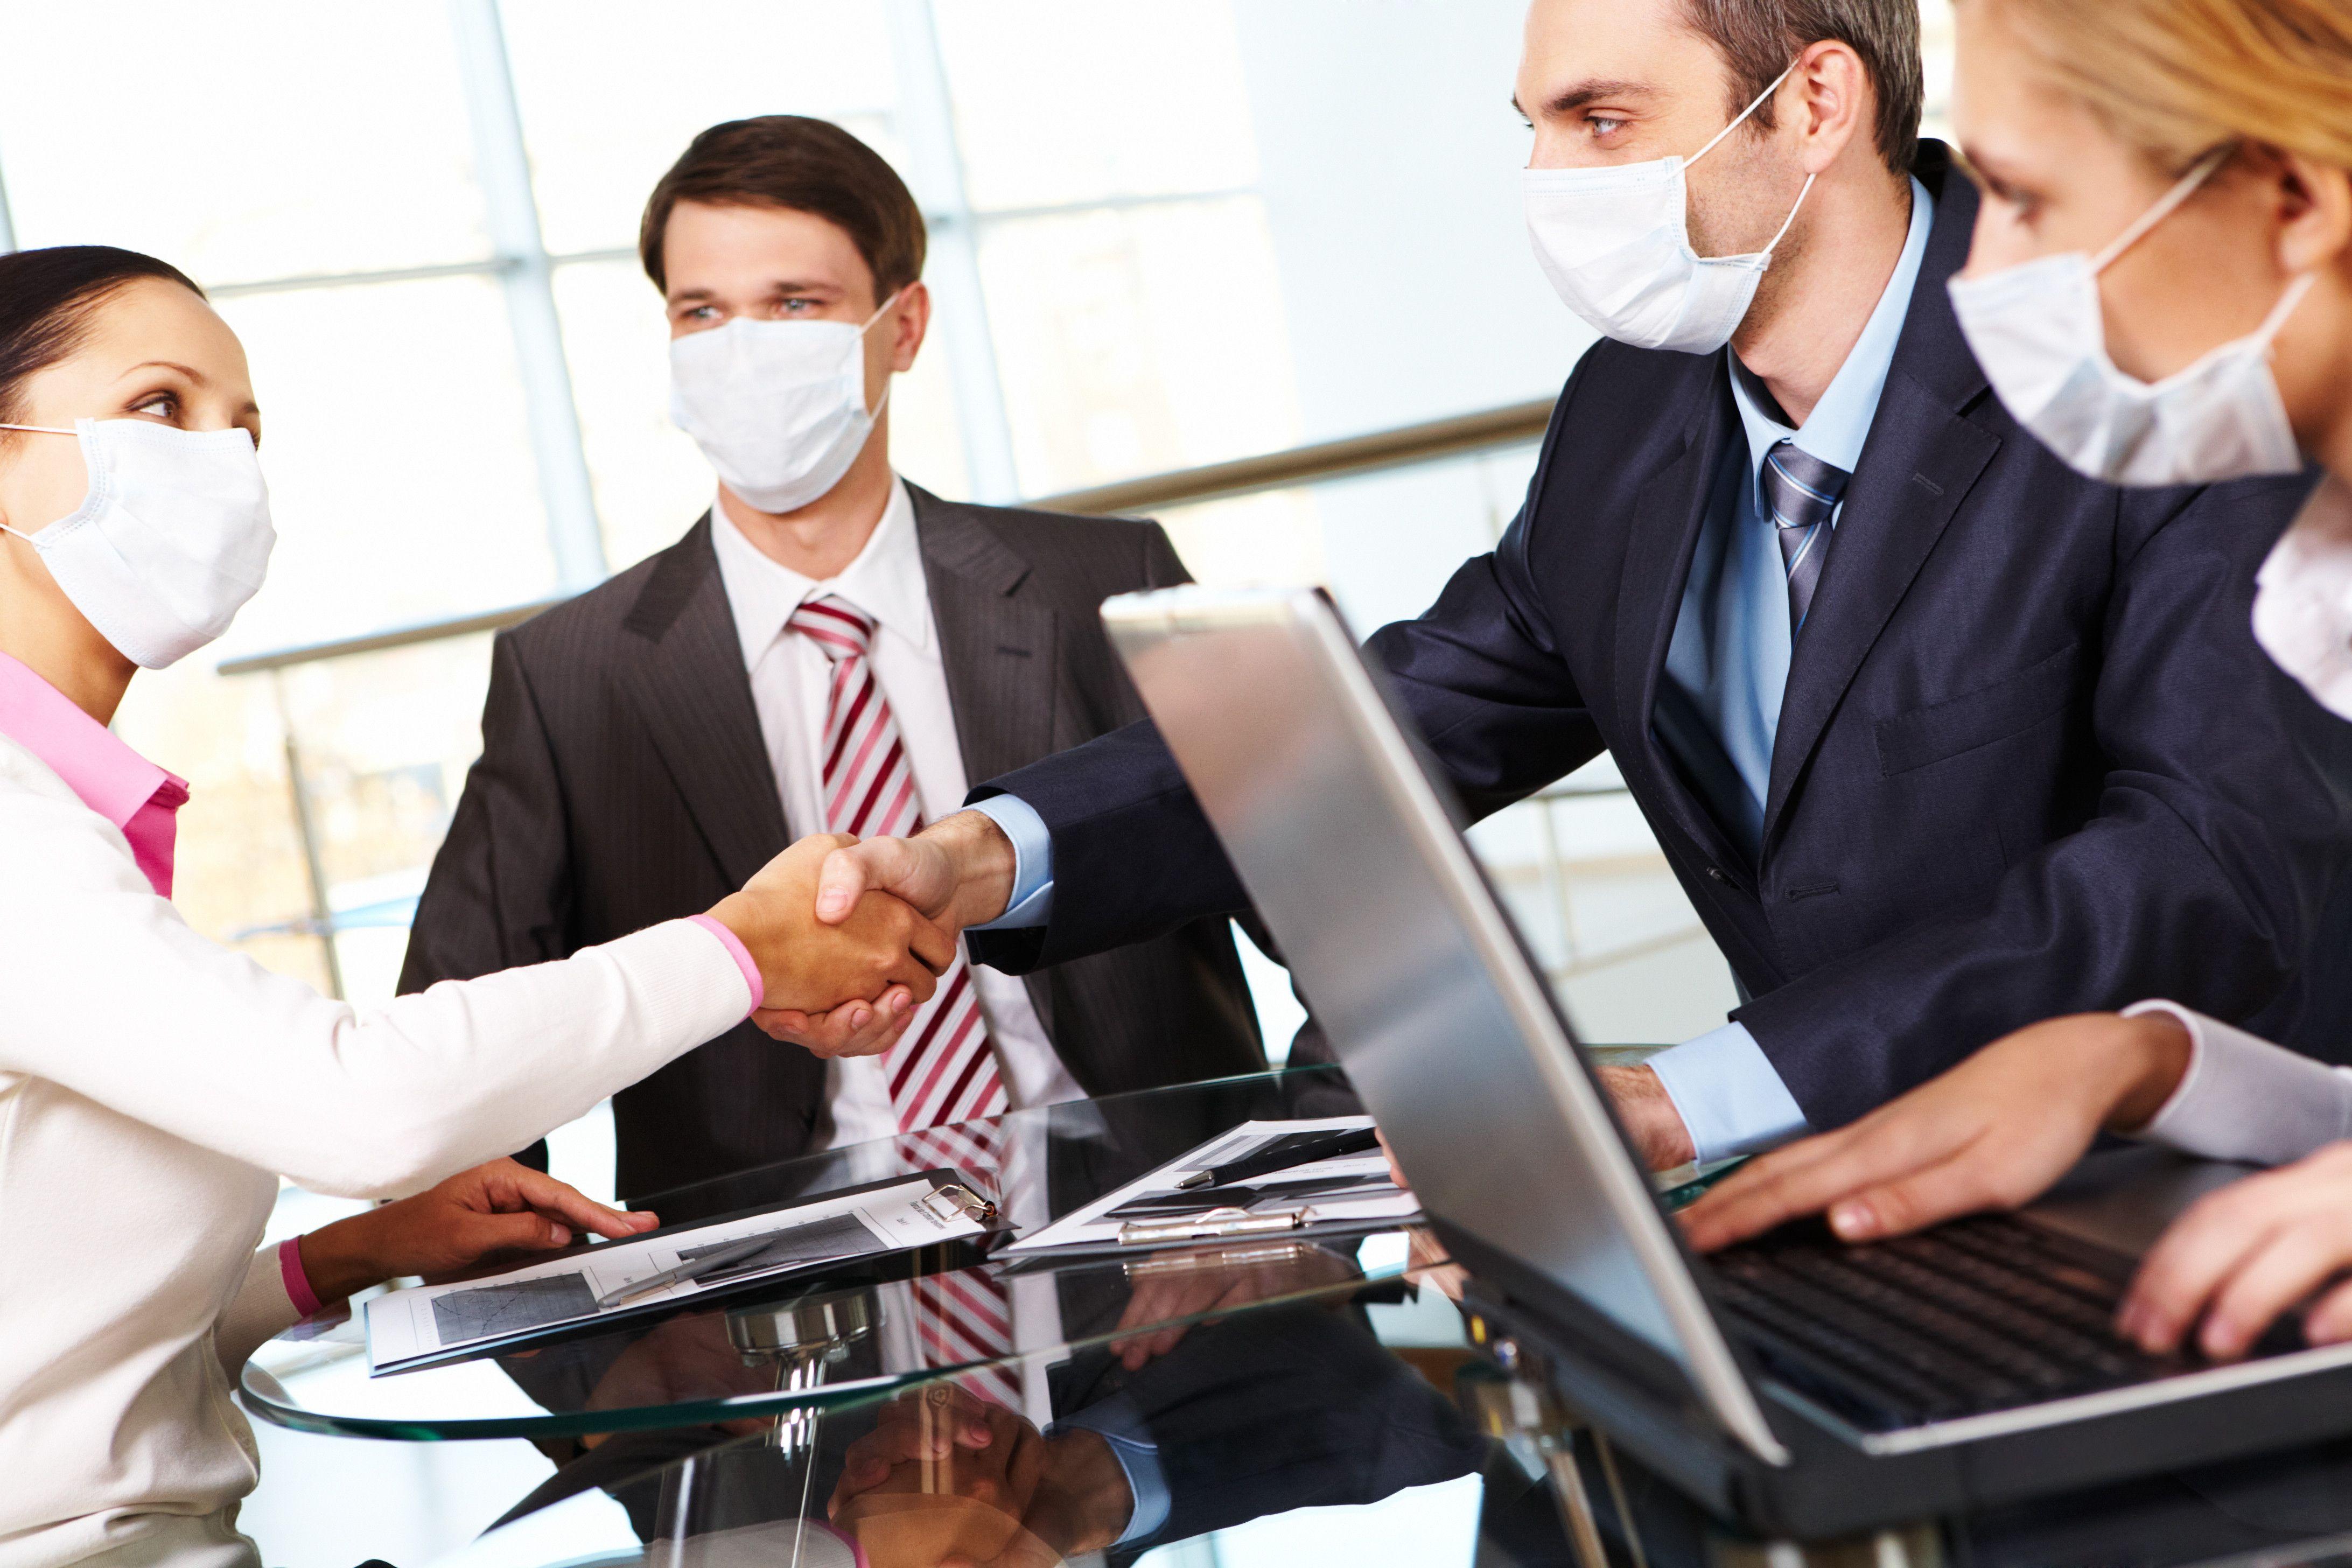 Sveikatos pavojai biure